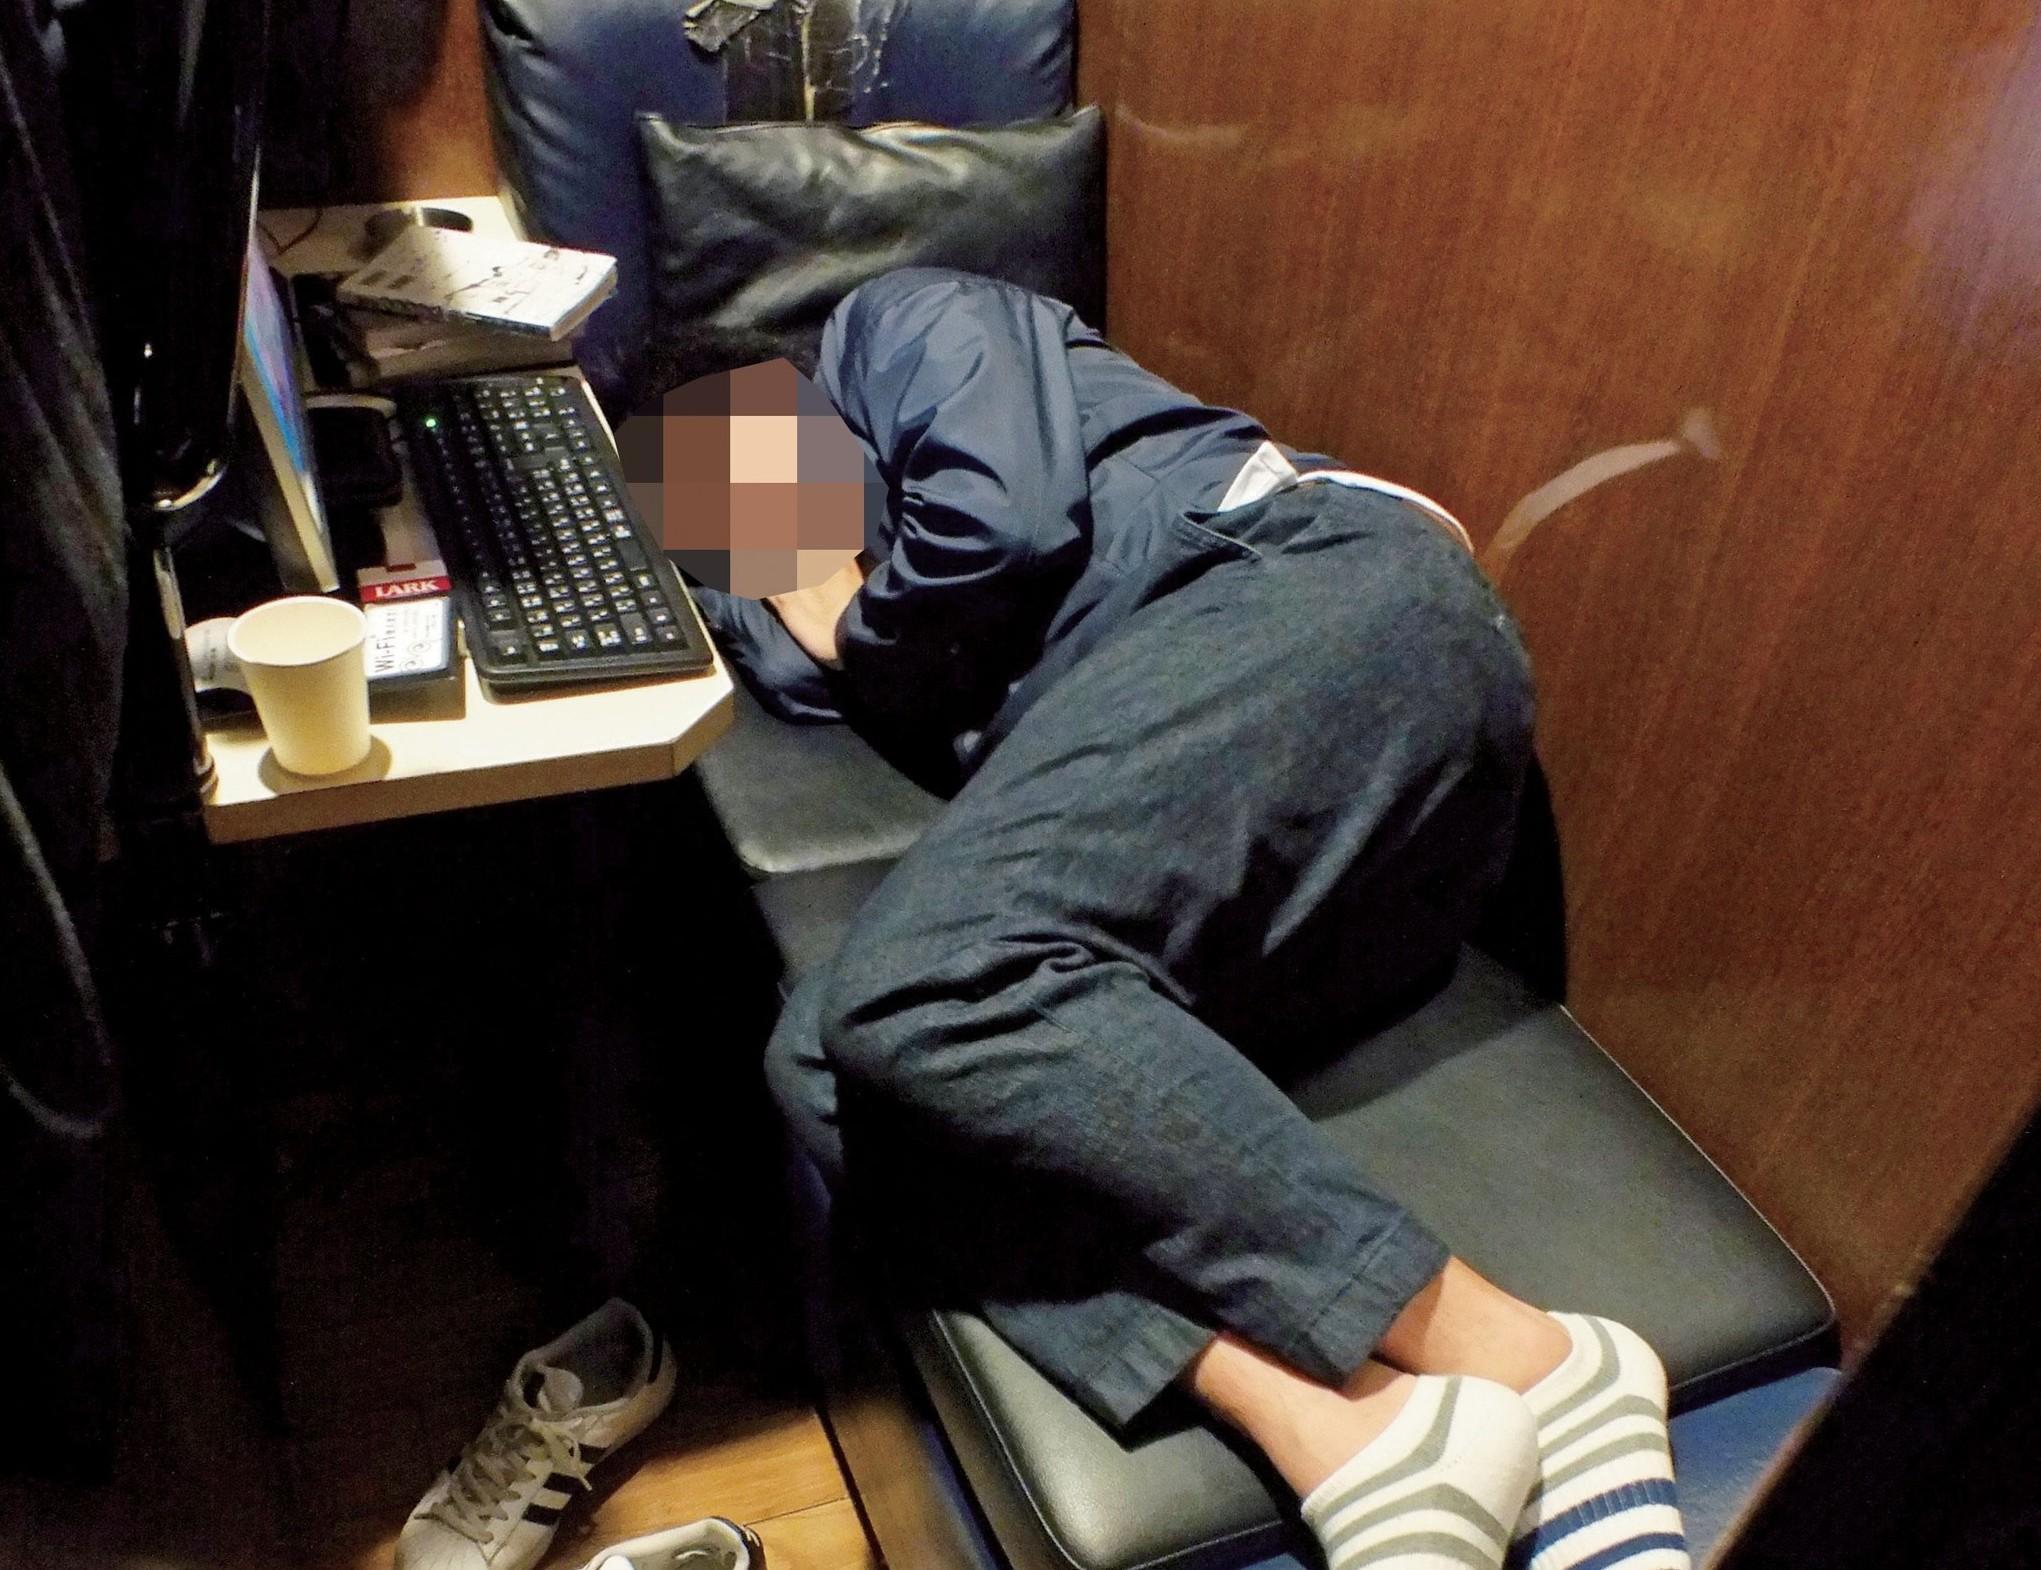 月収13万、ネットカフェに寝泊りする日雇い労働者・30歳「こんな生活続けたくない…」